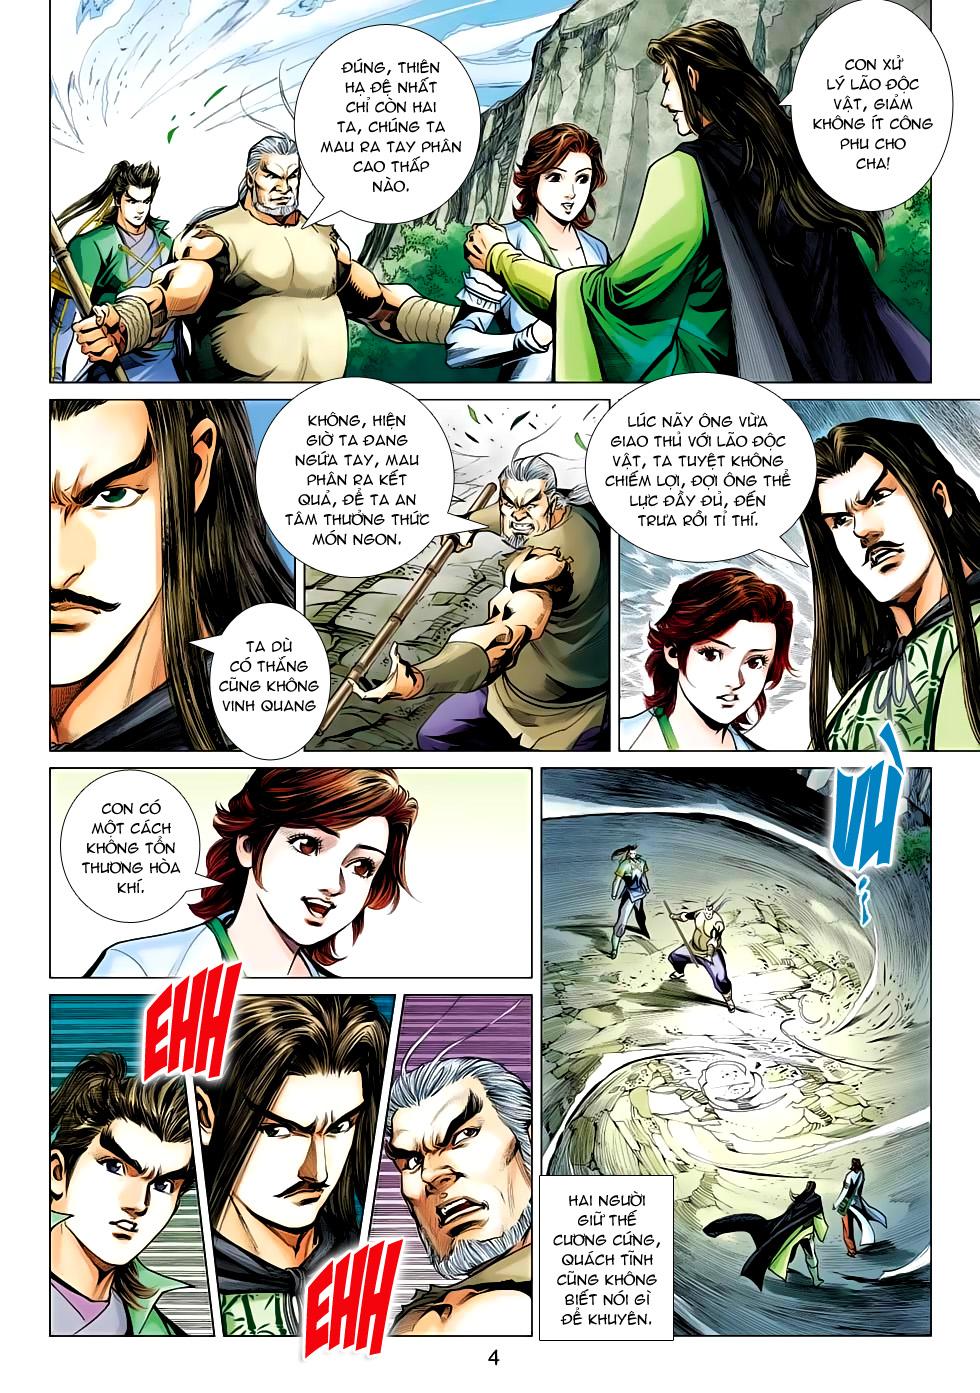 Xạ Điêu Anh Hùng Truyện chap 100 – End Trang 4 - Mangak.info